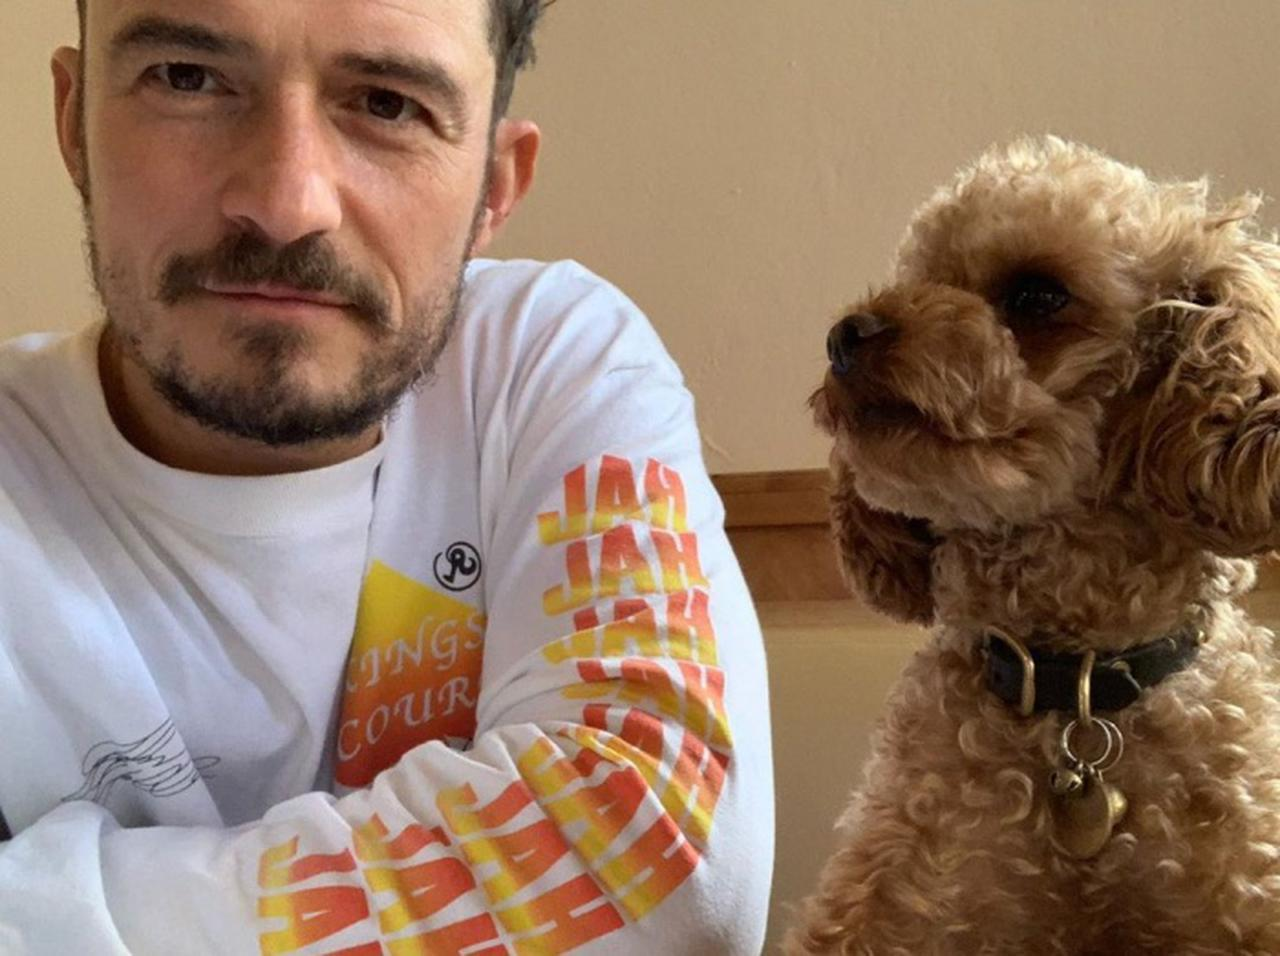 画像: オーランド・ブルーム、行方不明だった愛犬が天国へ…死を悼んでタトゥーを入れる - フロントロウ -海外セレブ情報を発信